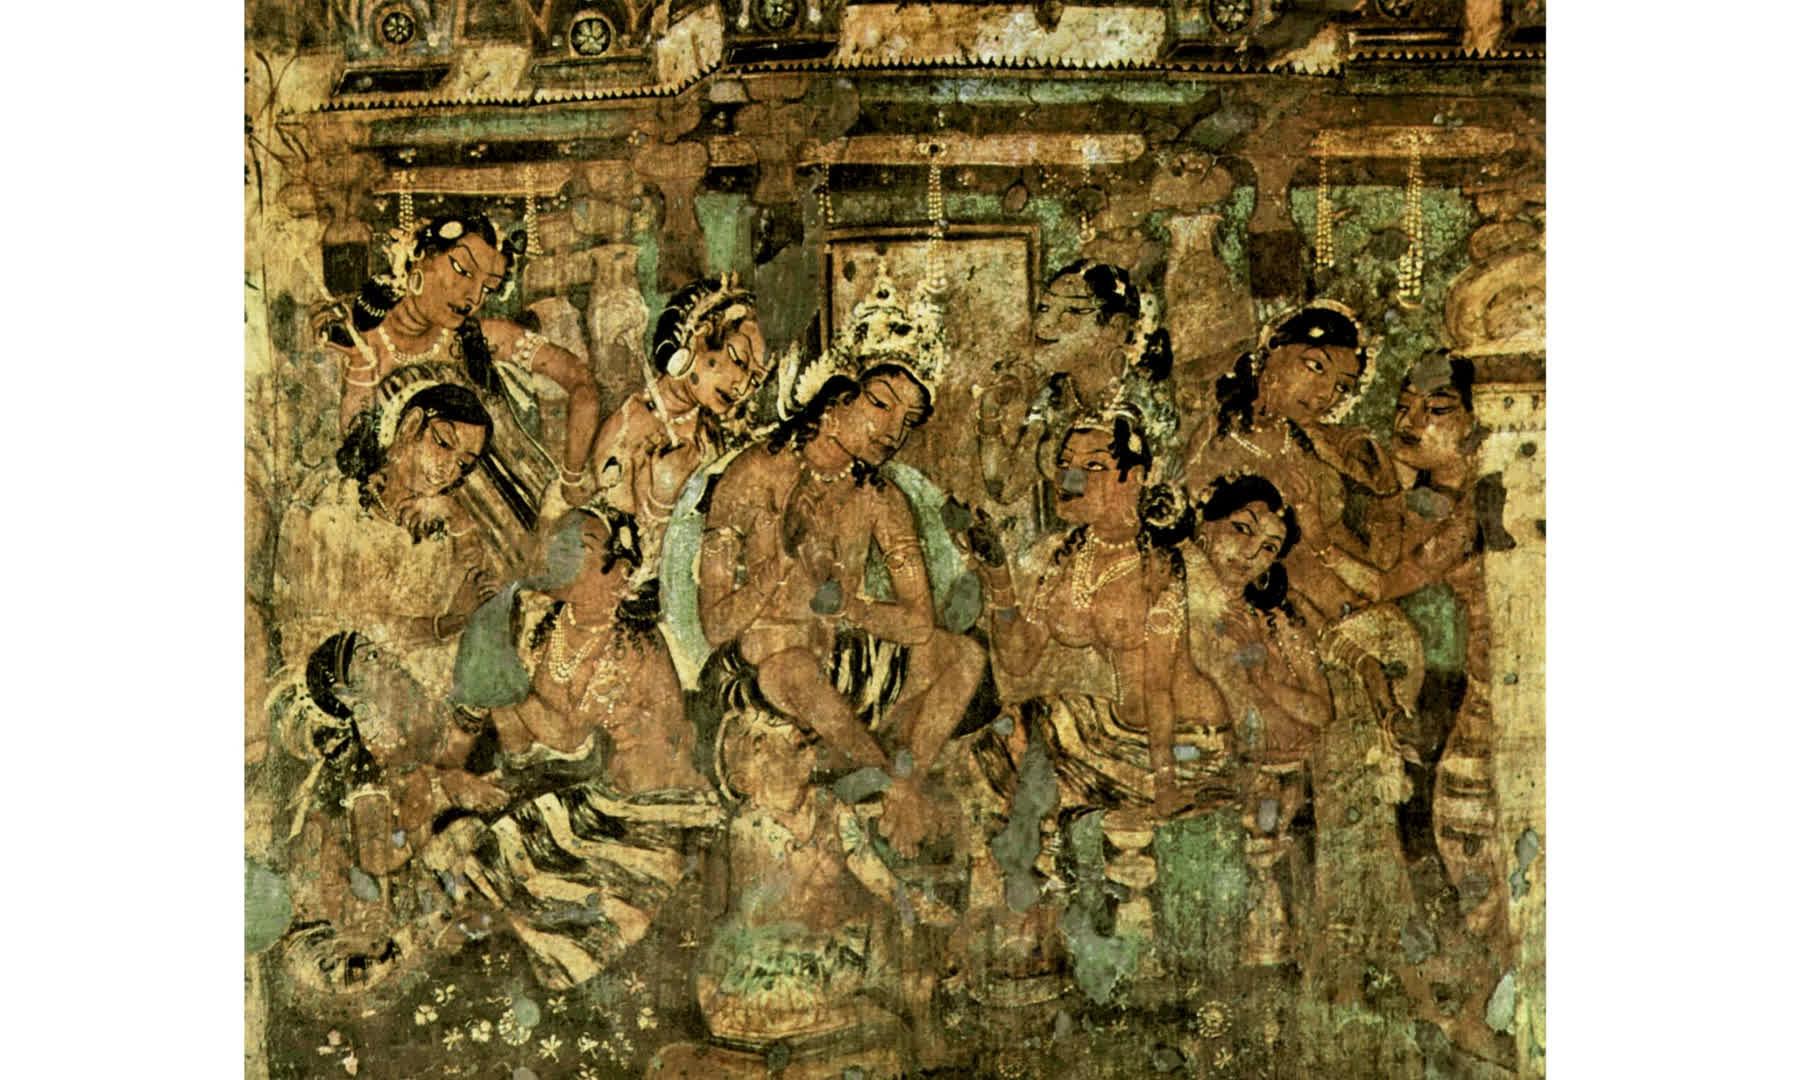 Ikat in Ajanta Murals